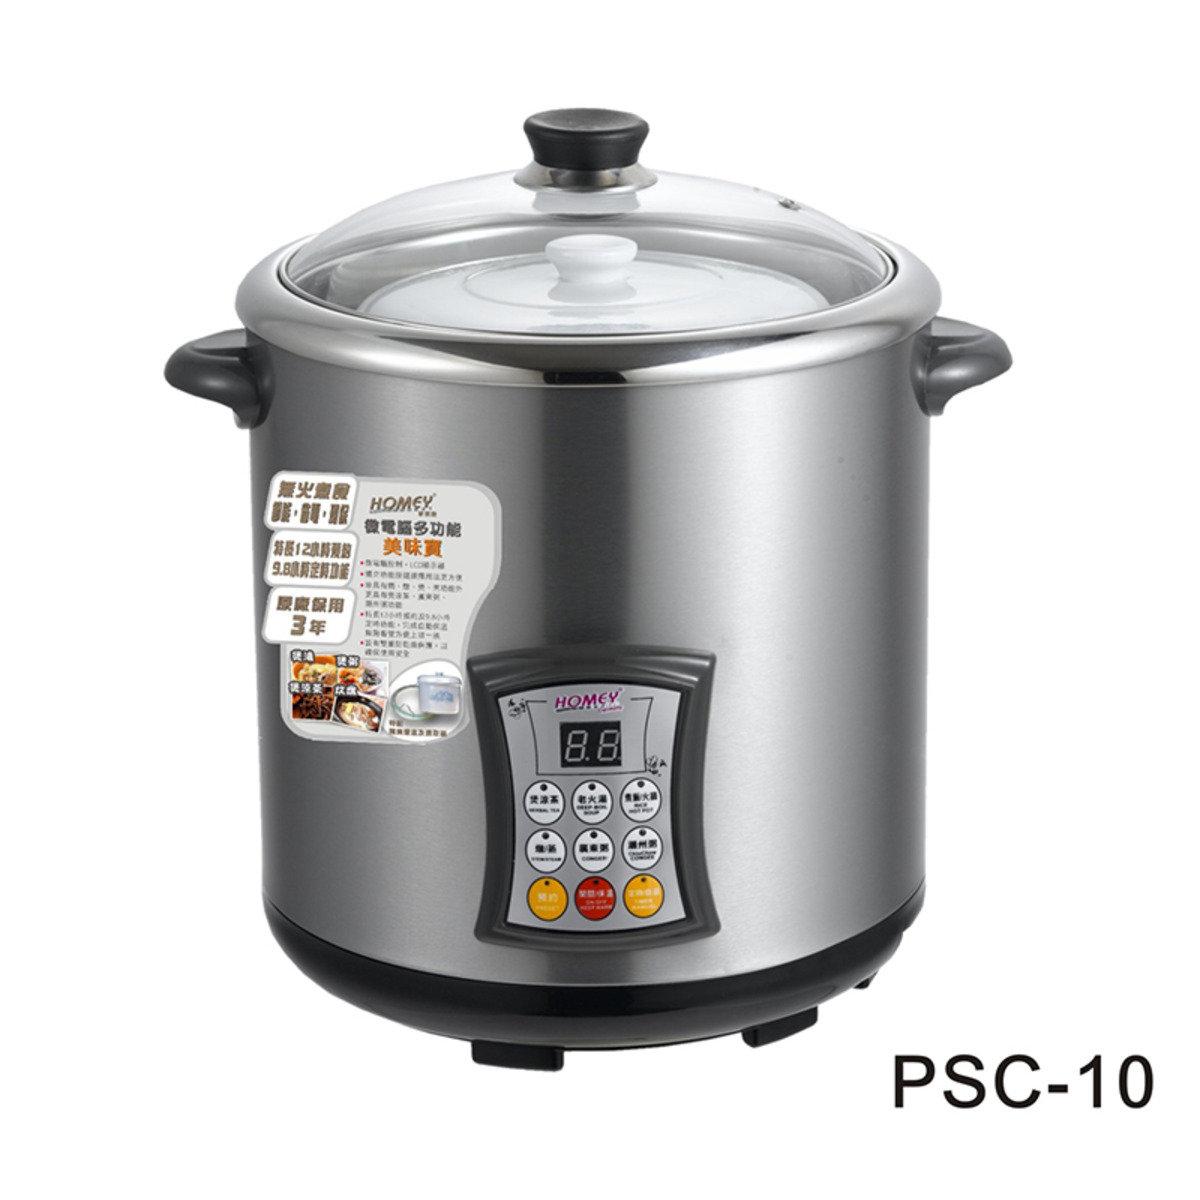 微電腦多功能美味寶 PSC-10